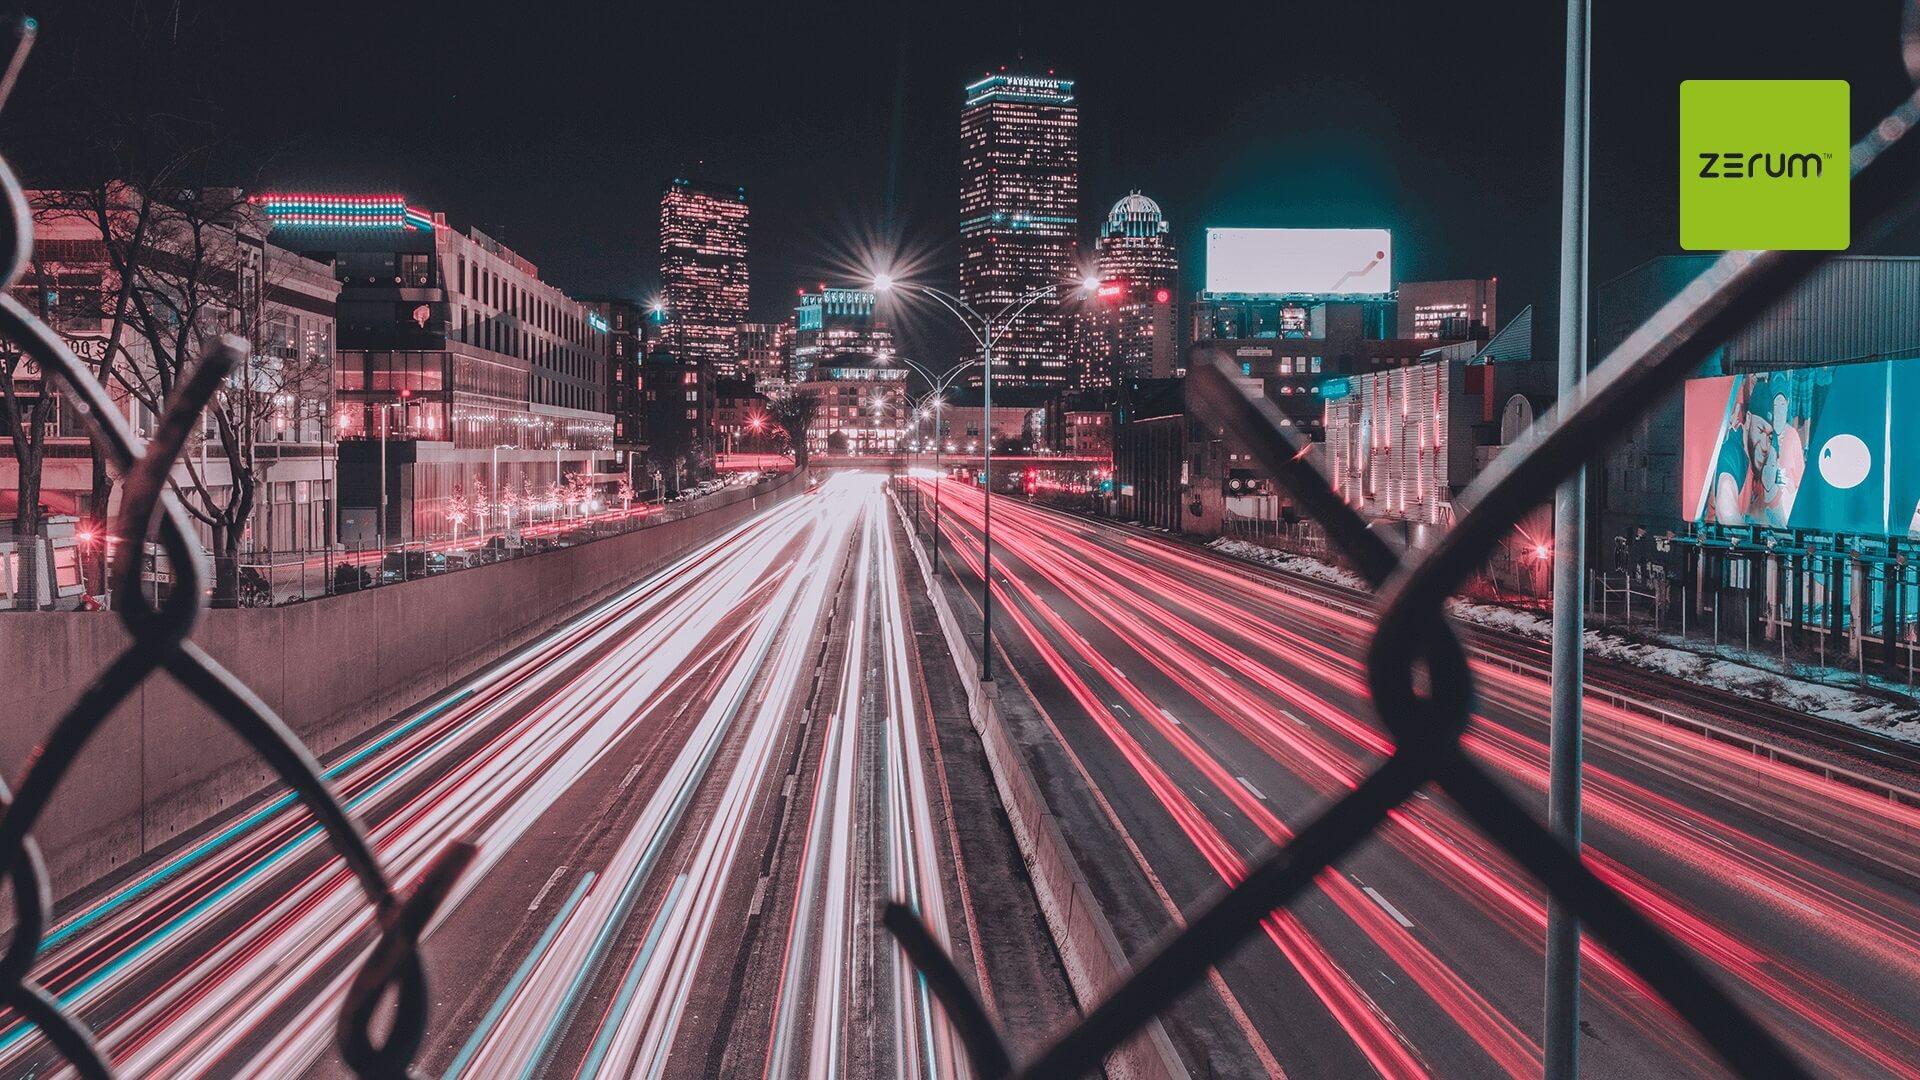 Fotografia de uma avenida vista através de uma cerca de arame -